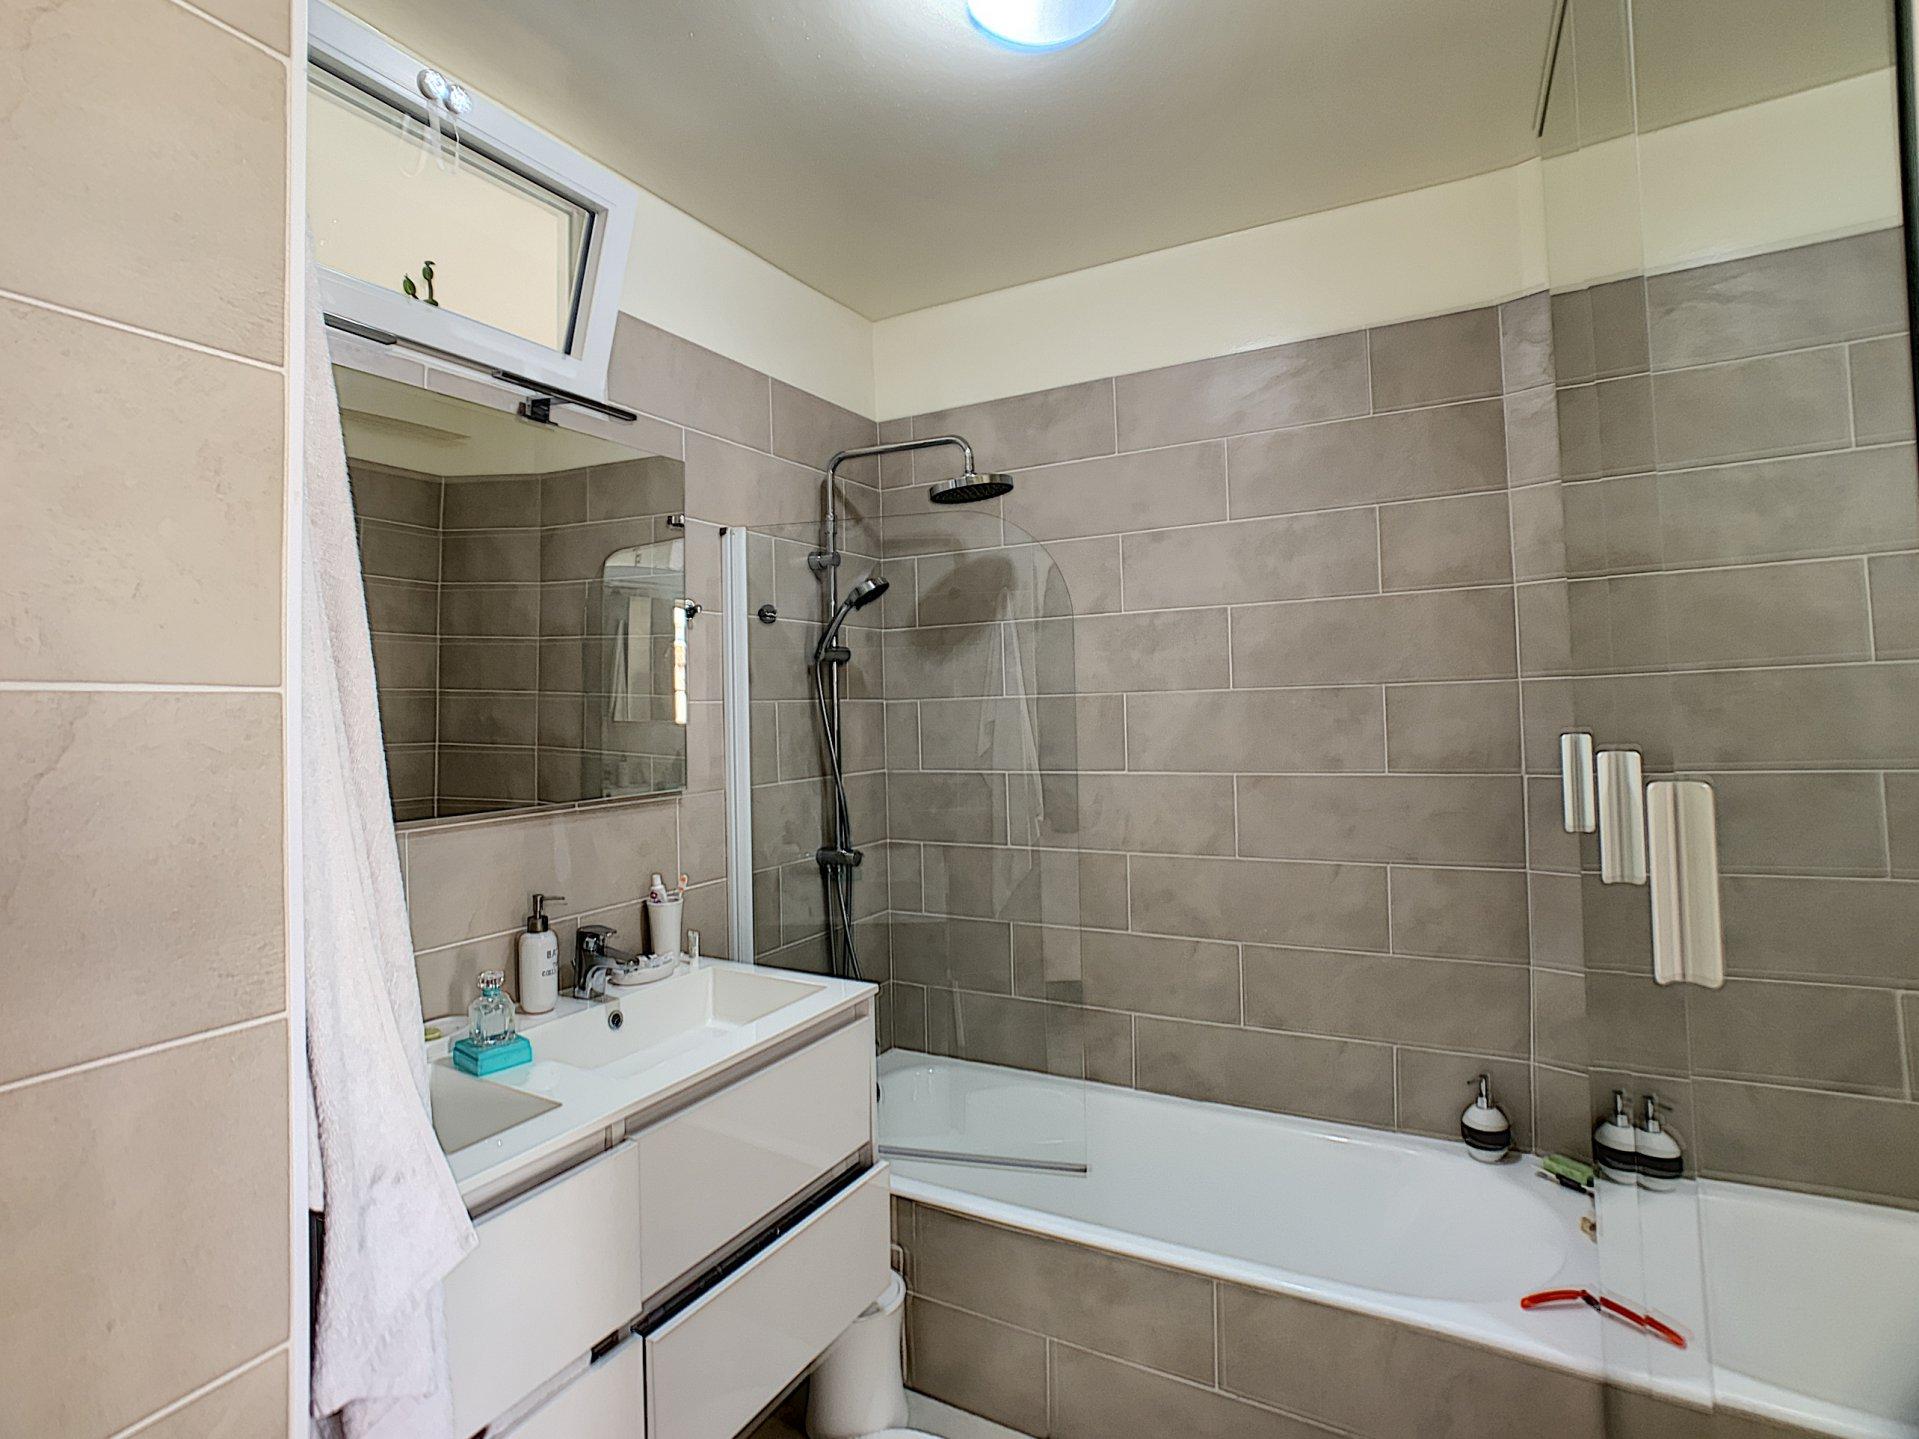 CAGNES SUR MER (06800) - Appartement - 2 Pièces - Aperçu mer